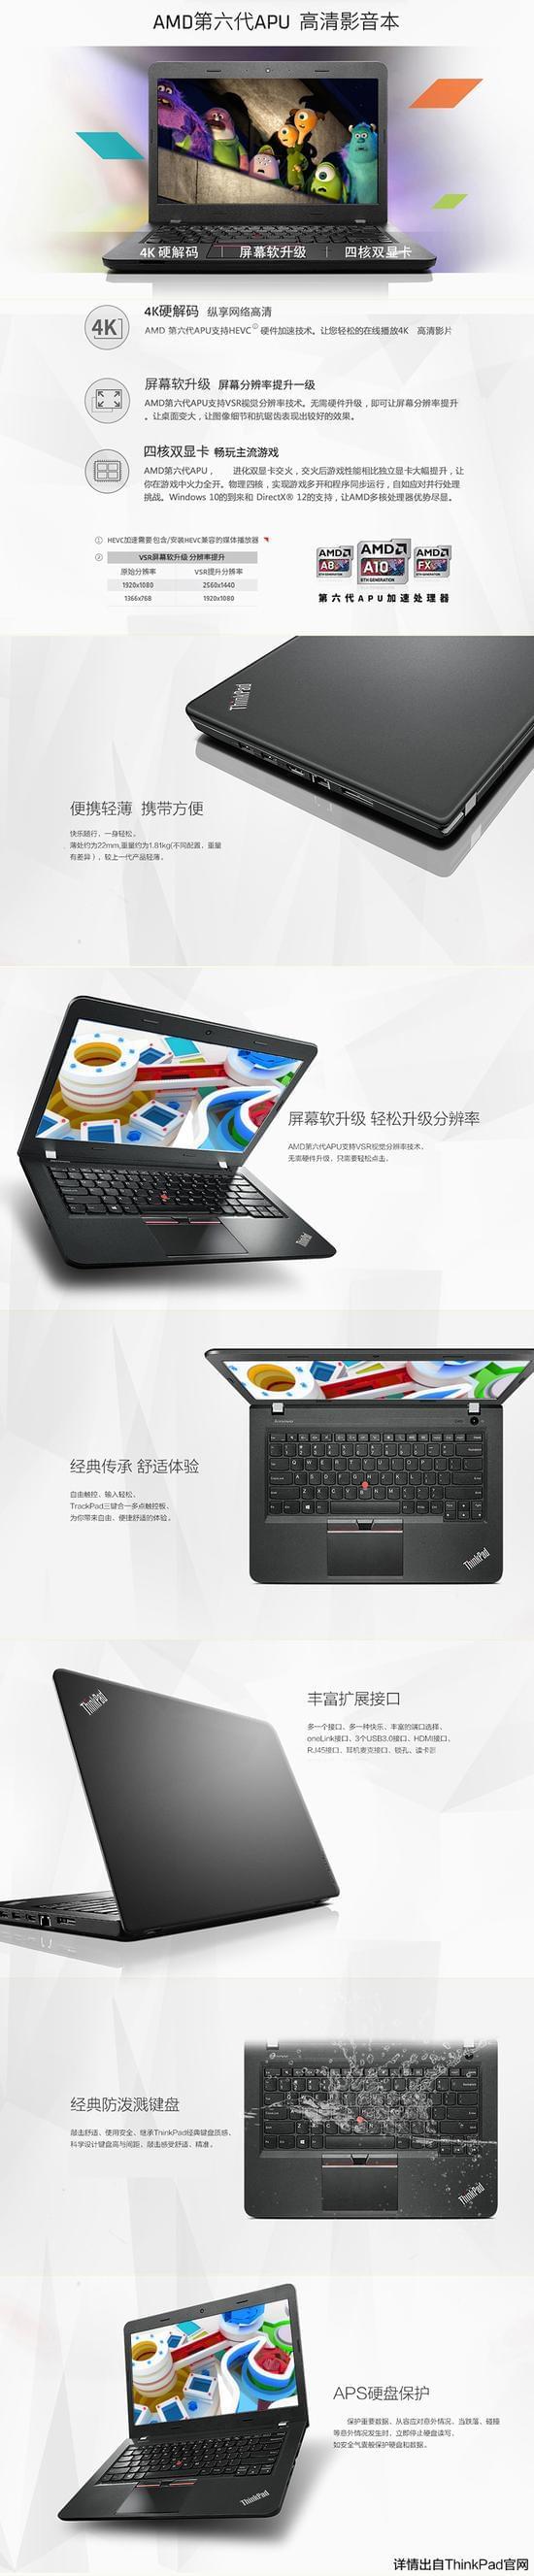 商务轻薄ThinkPad E465 ACD西安2950元